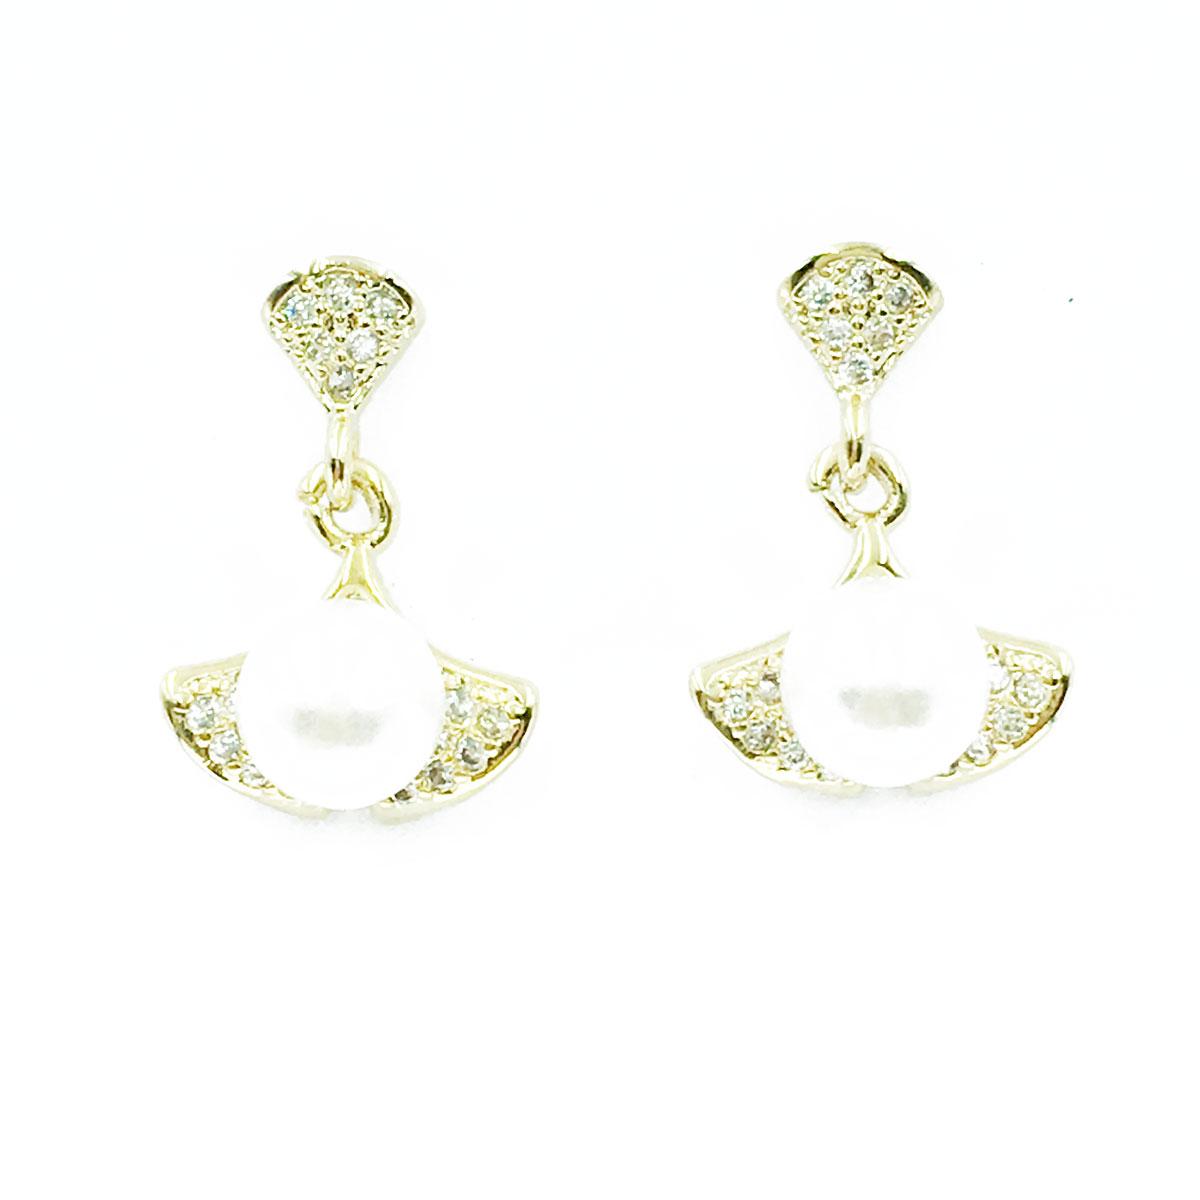 韓國 925純銀 水鑽 珍珠 葉片 垂墜感 耳針式 耳環